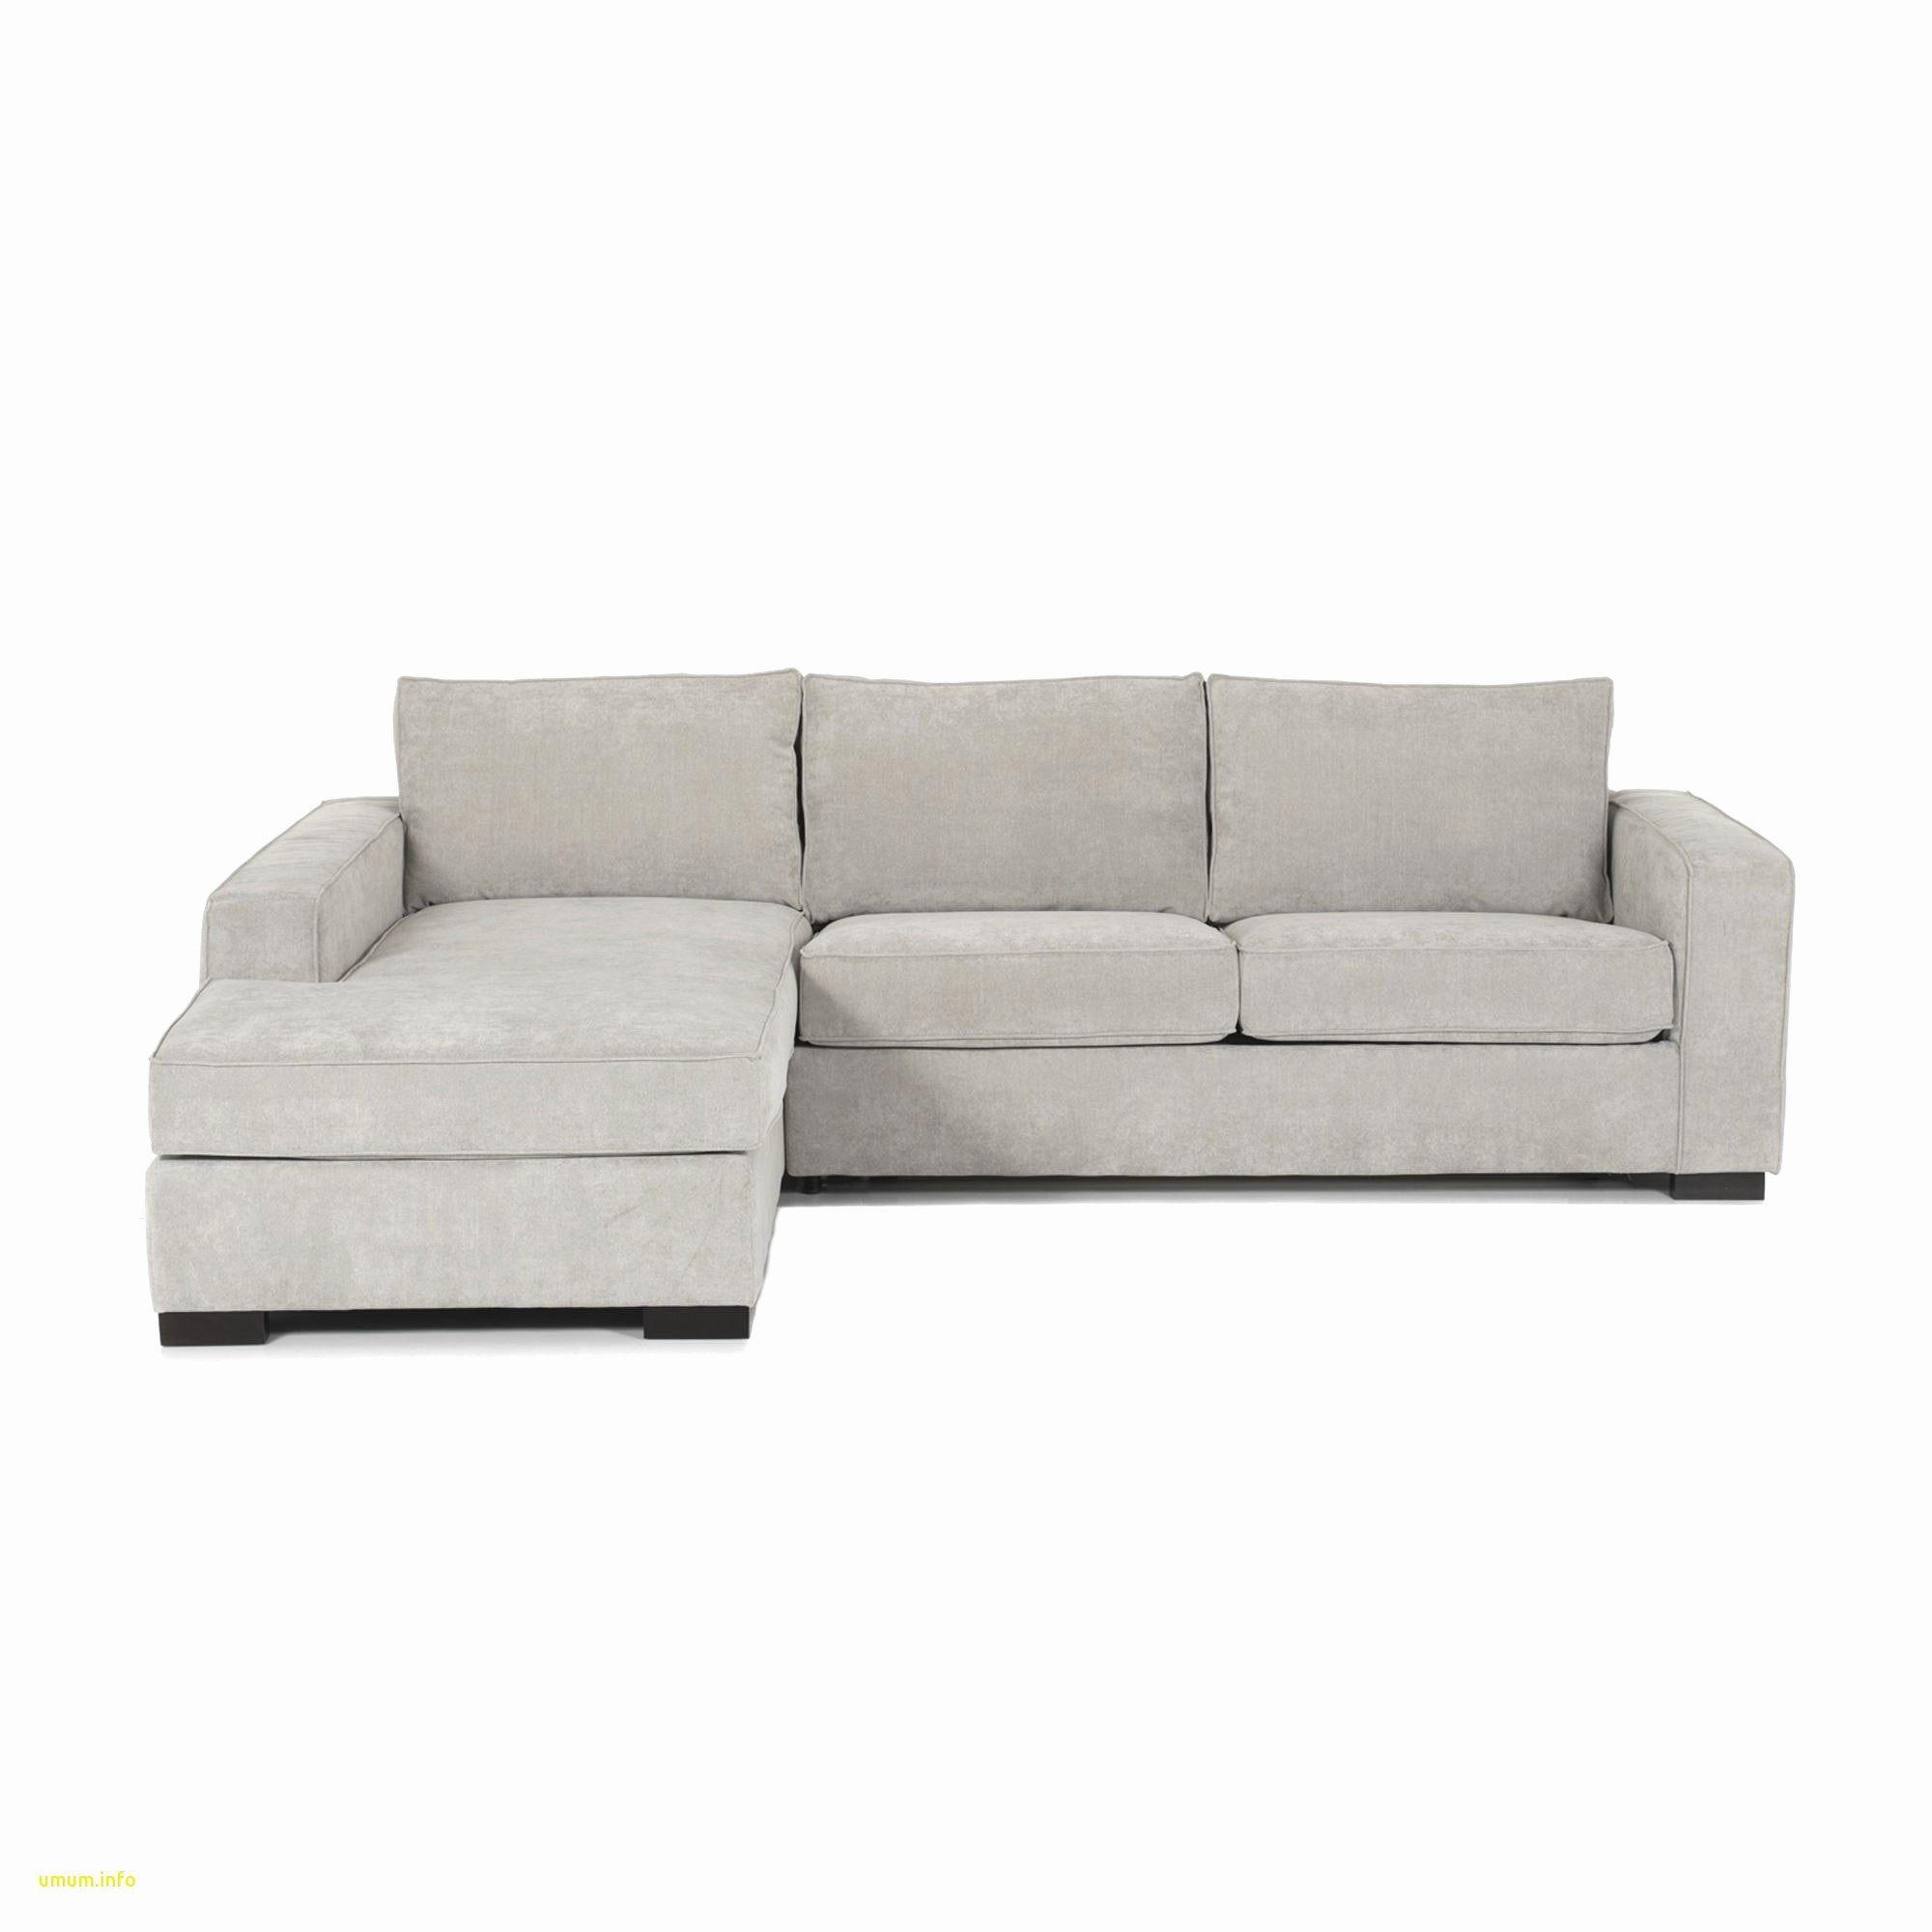 Canapé Convertible Lit Génial Entra Nant Lit Superposé Avec Canapé Sur Lit Biné Armoire Fresh Lit